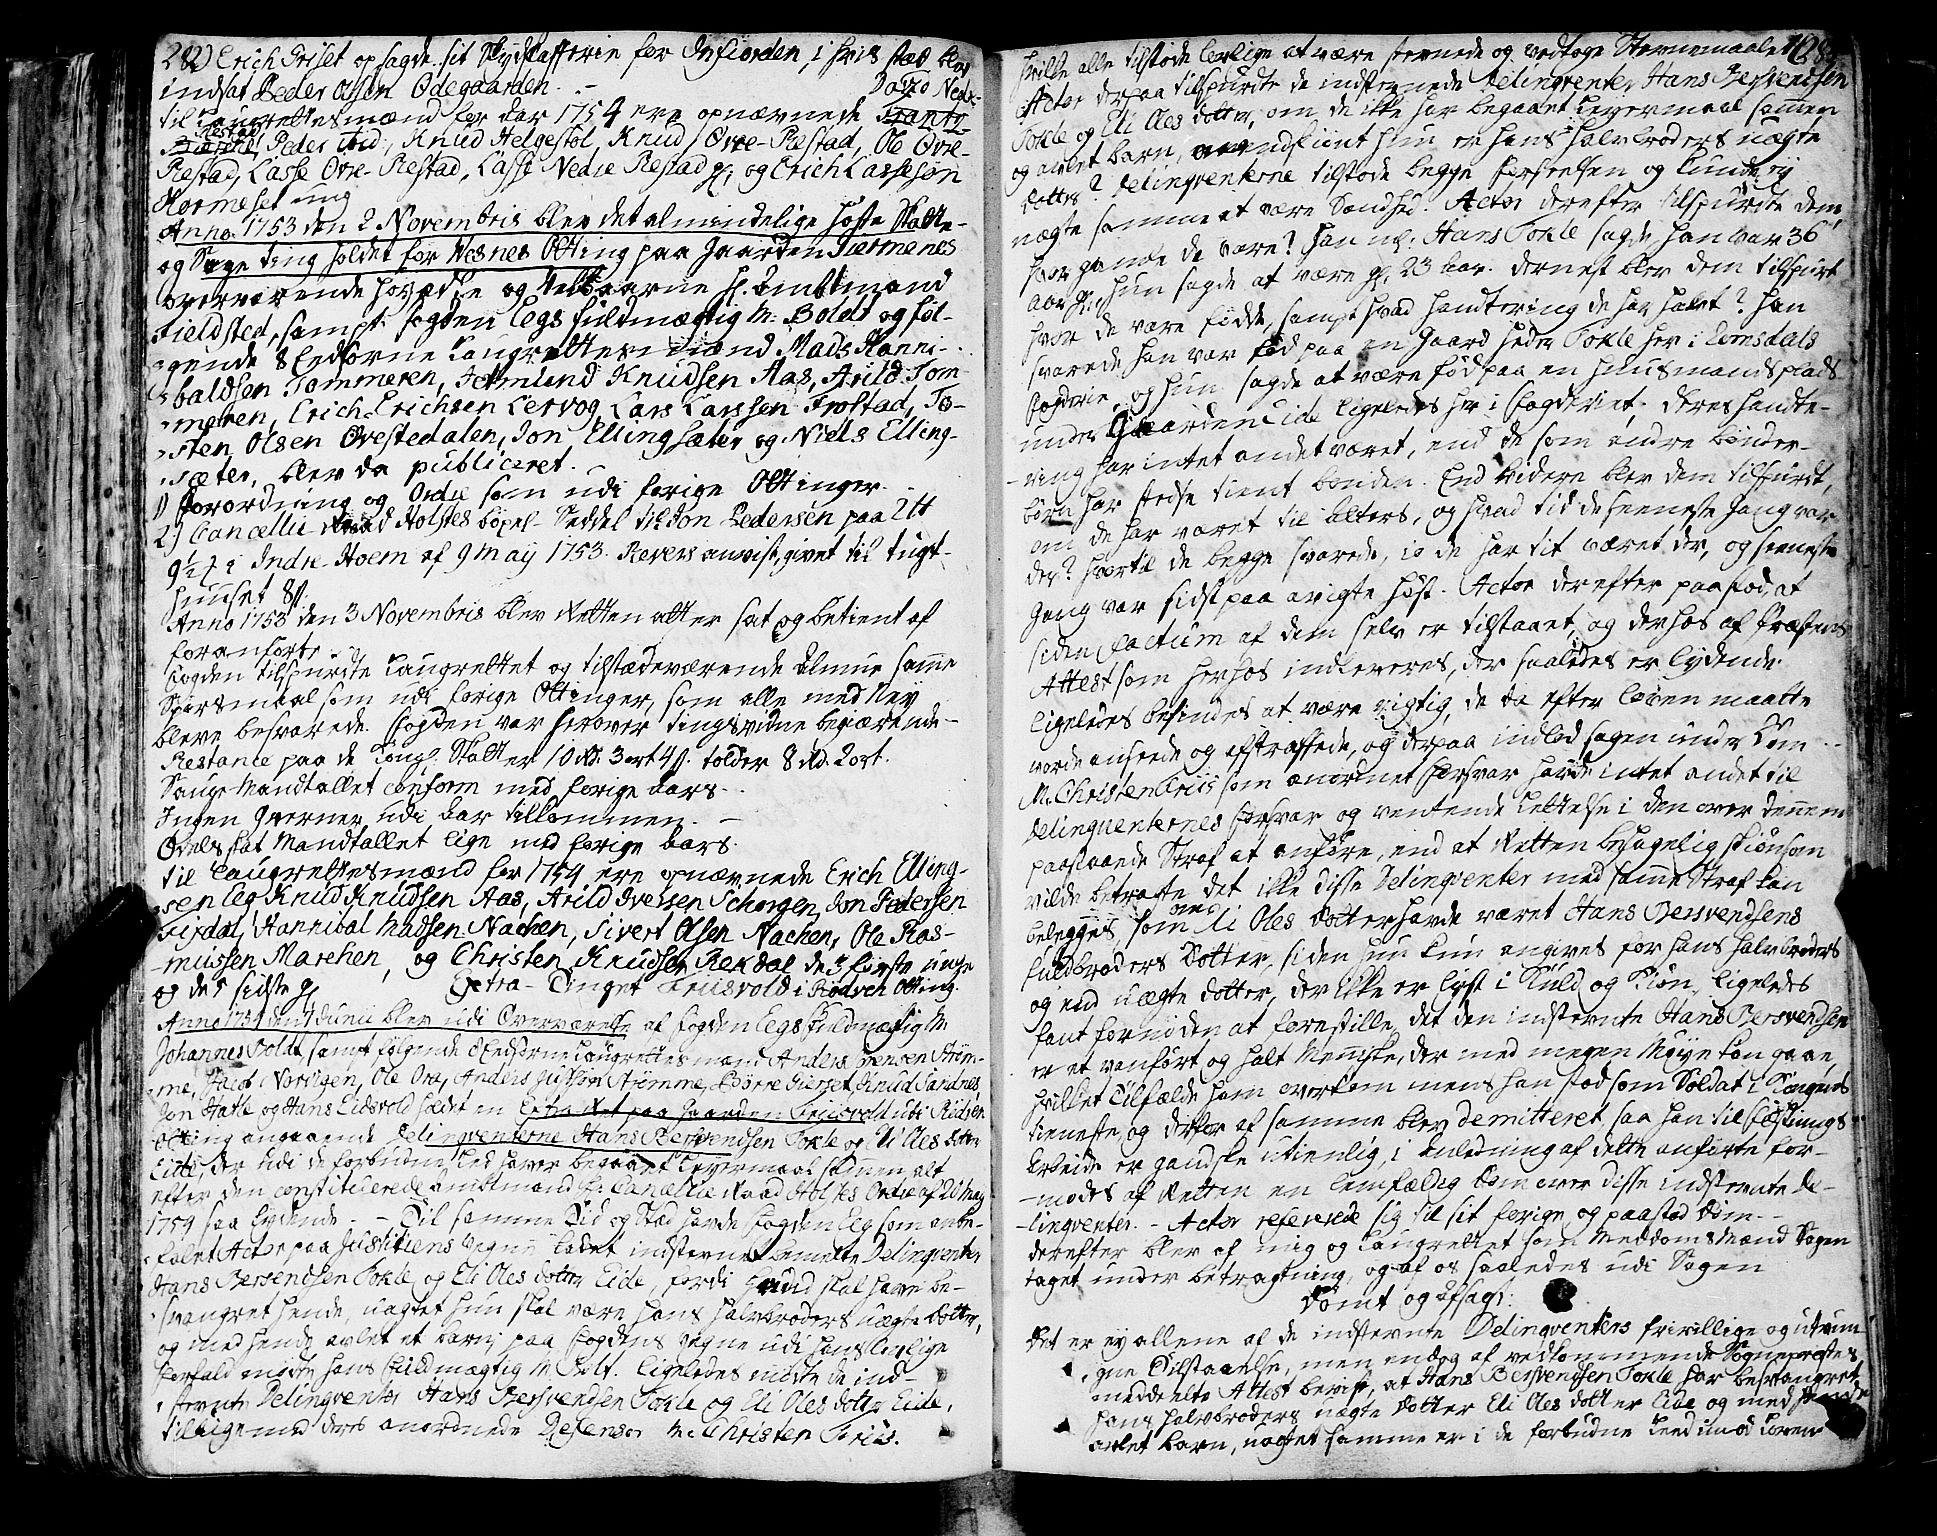 SAT, Romsdal sorenskriveri, 1/1A/L0013: Tingbok, 1749-1757, s. 282-283